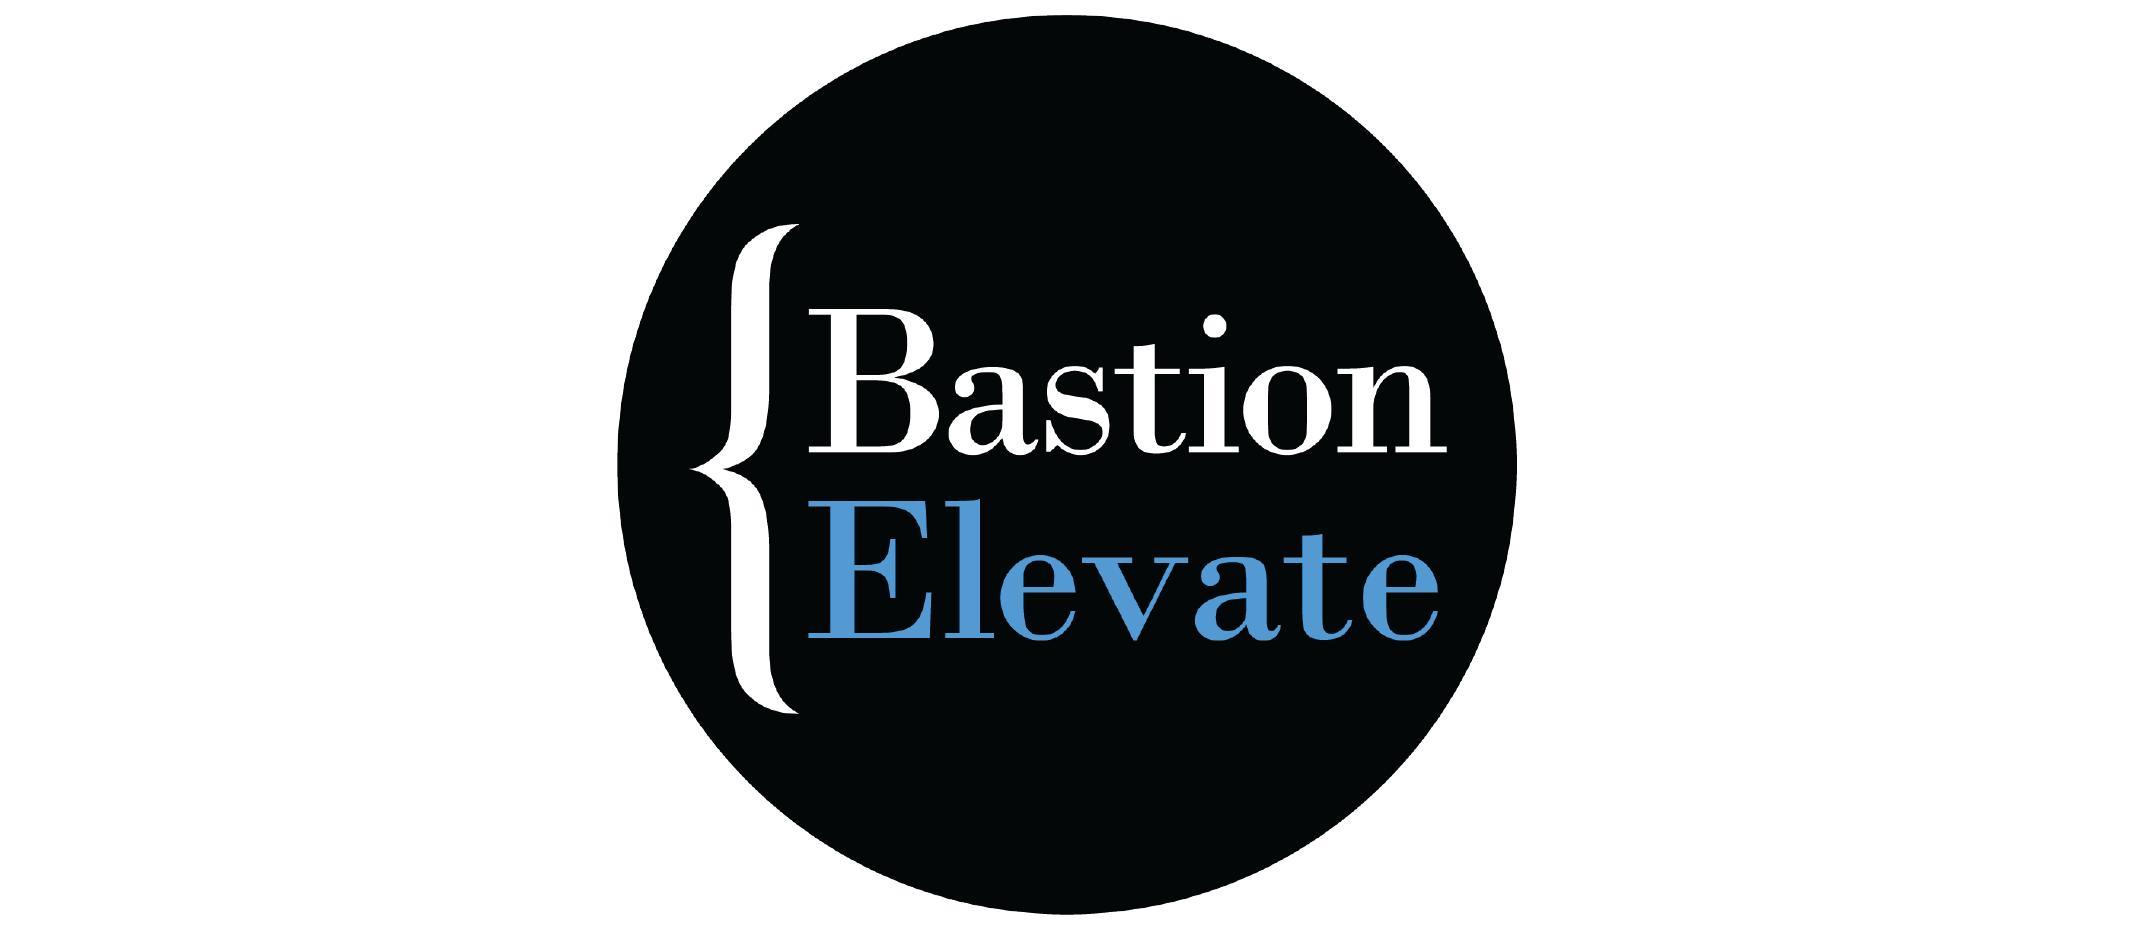 Bastion Elevate Logo